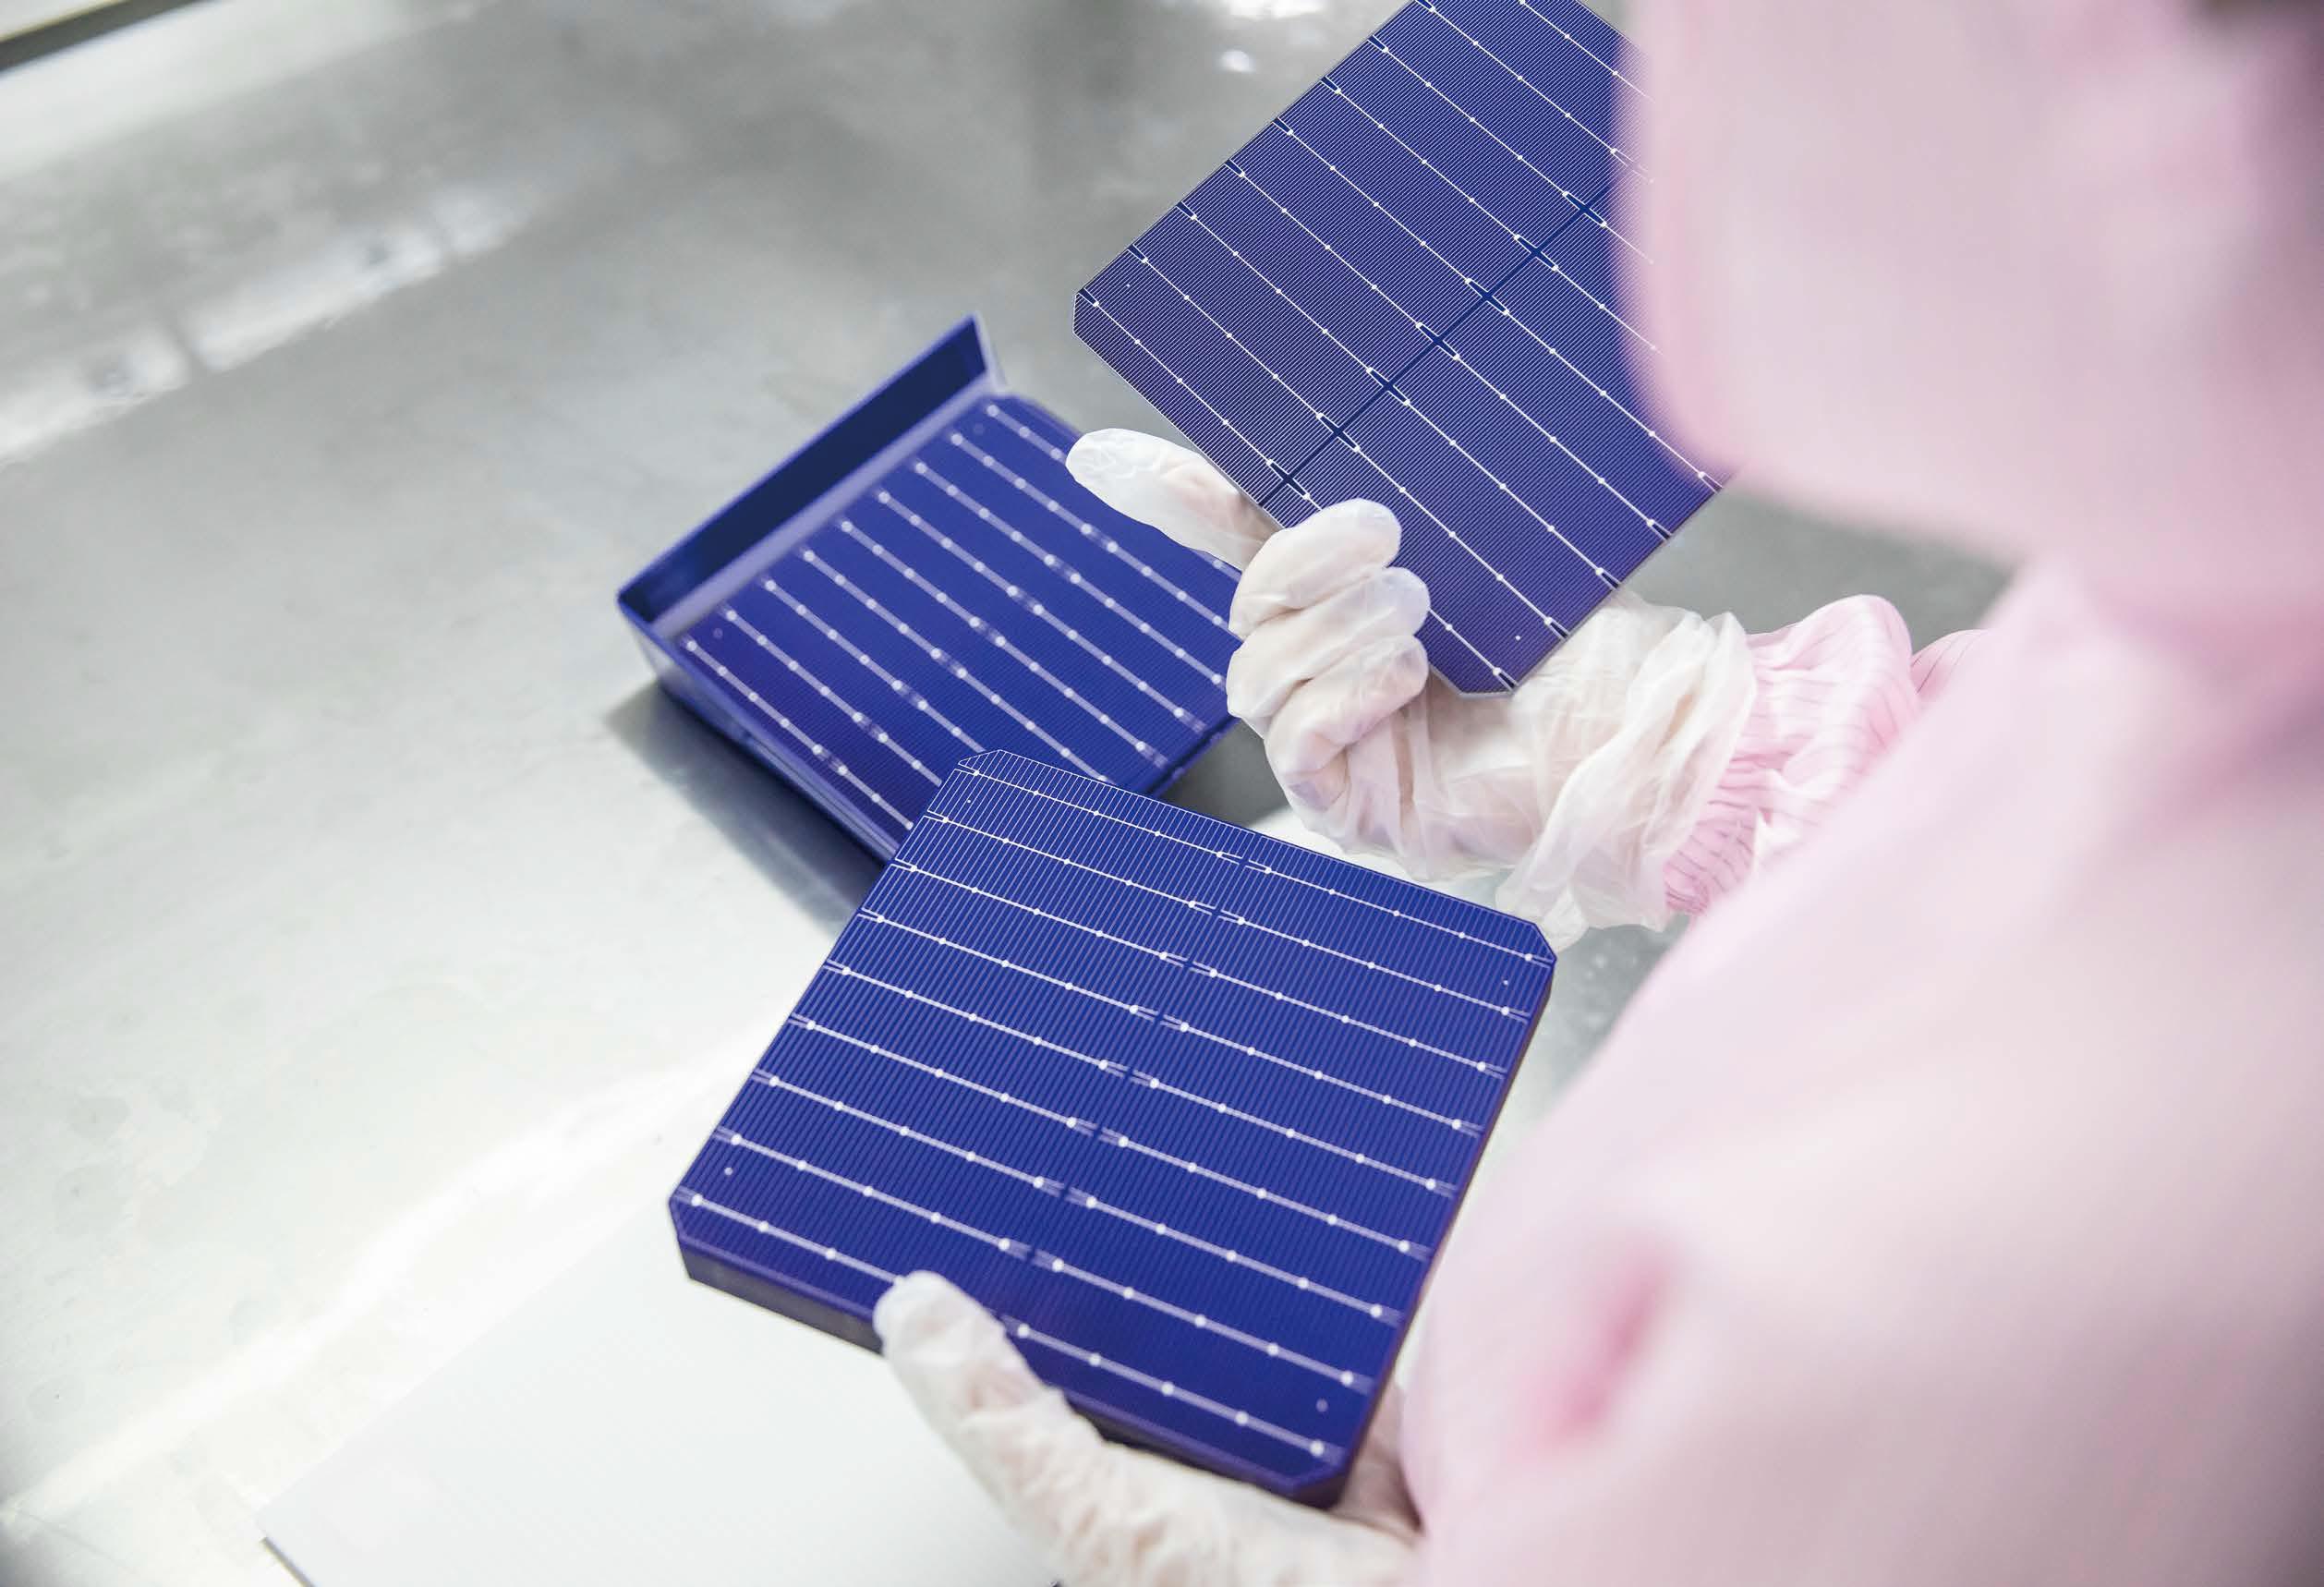 Huasun HJT solar cell